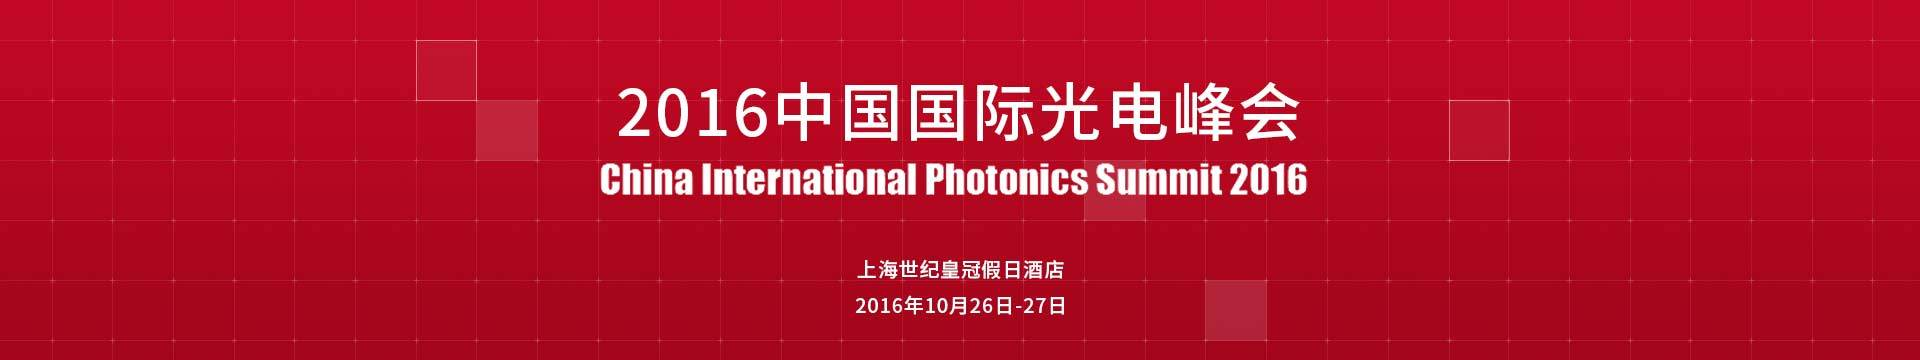 2016中国国际光电峰会